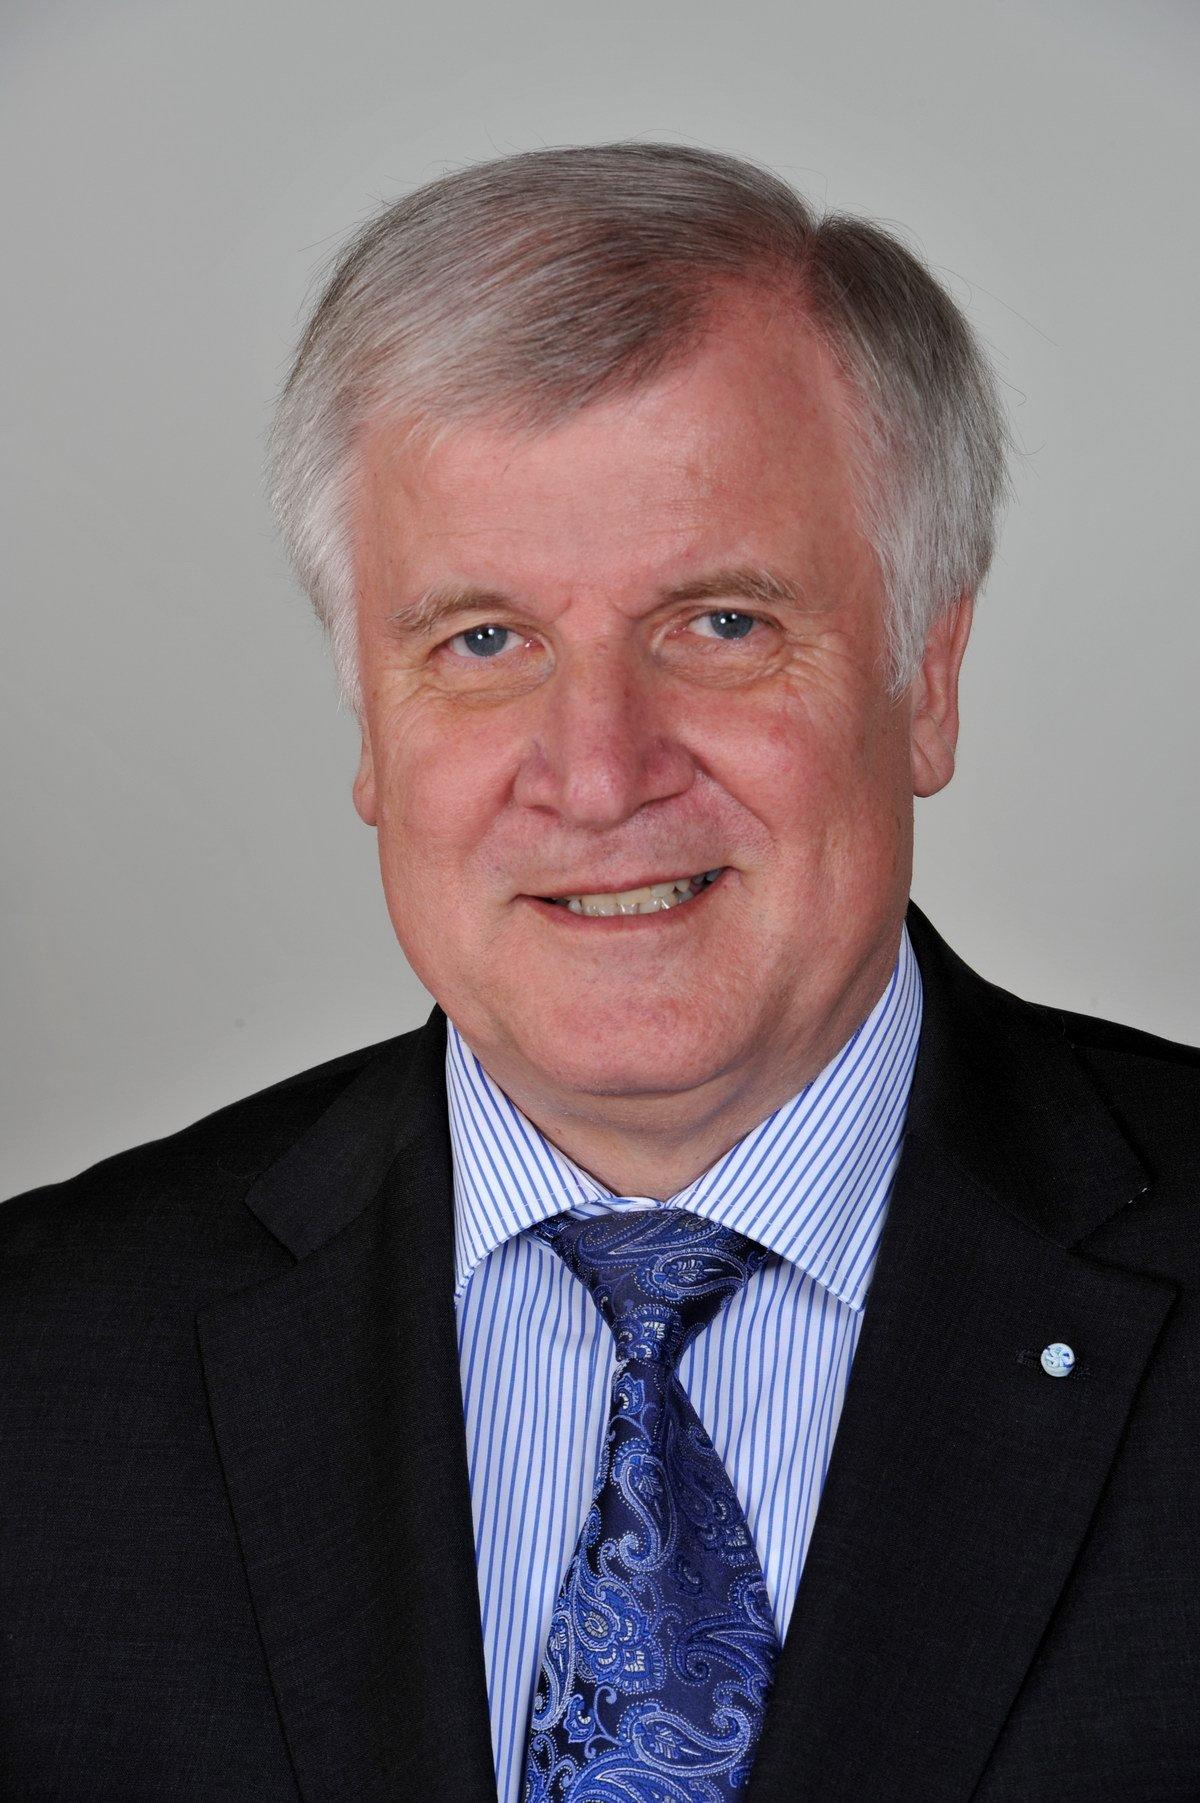 Horst Lorenz Seehofer, německý politik, současný ministerský předseda Bavorska a předseda Křesťansko-sociální unie Bavorska (CSU). Po rezignaci Christiana Wulffa vykonával jako předseda horní komory parlamentu funkci prezidenta SRN.